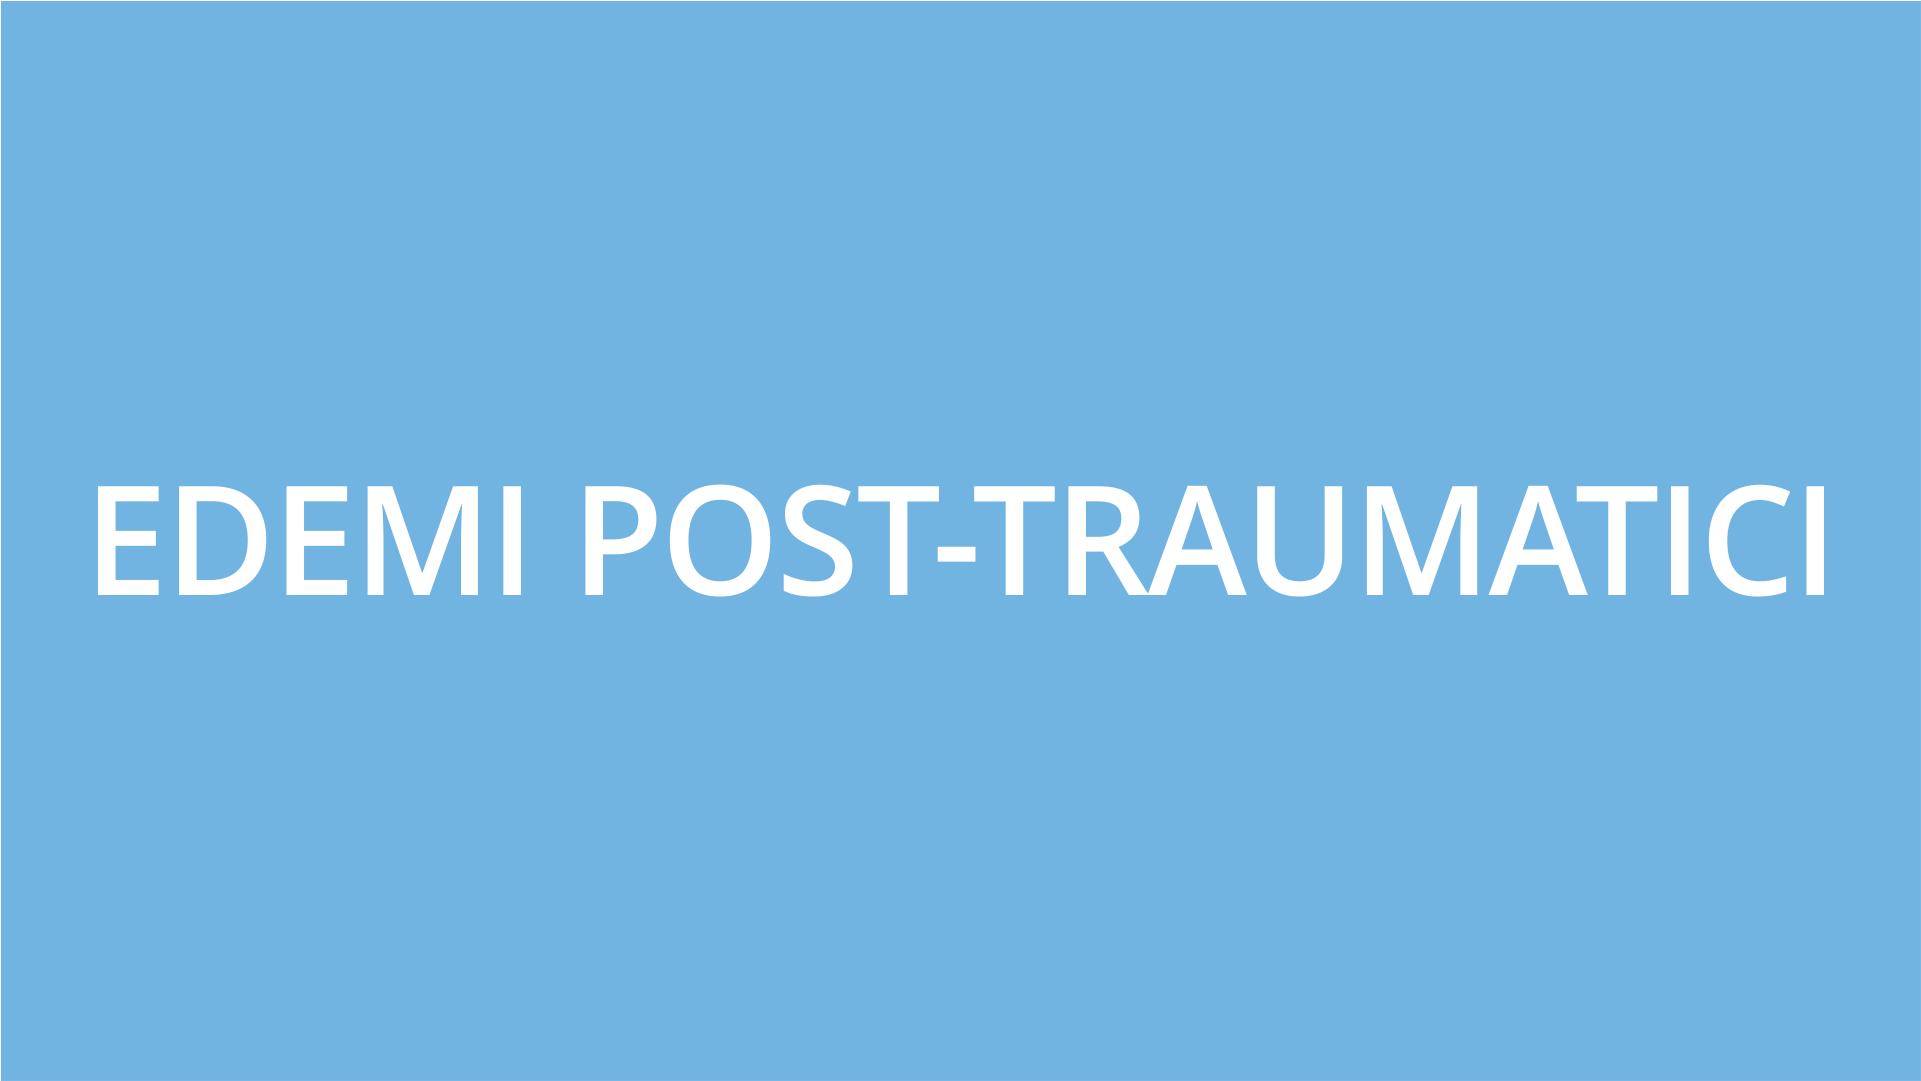 fisioterapia ughetta piacenza - edemi post-traumatici